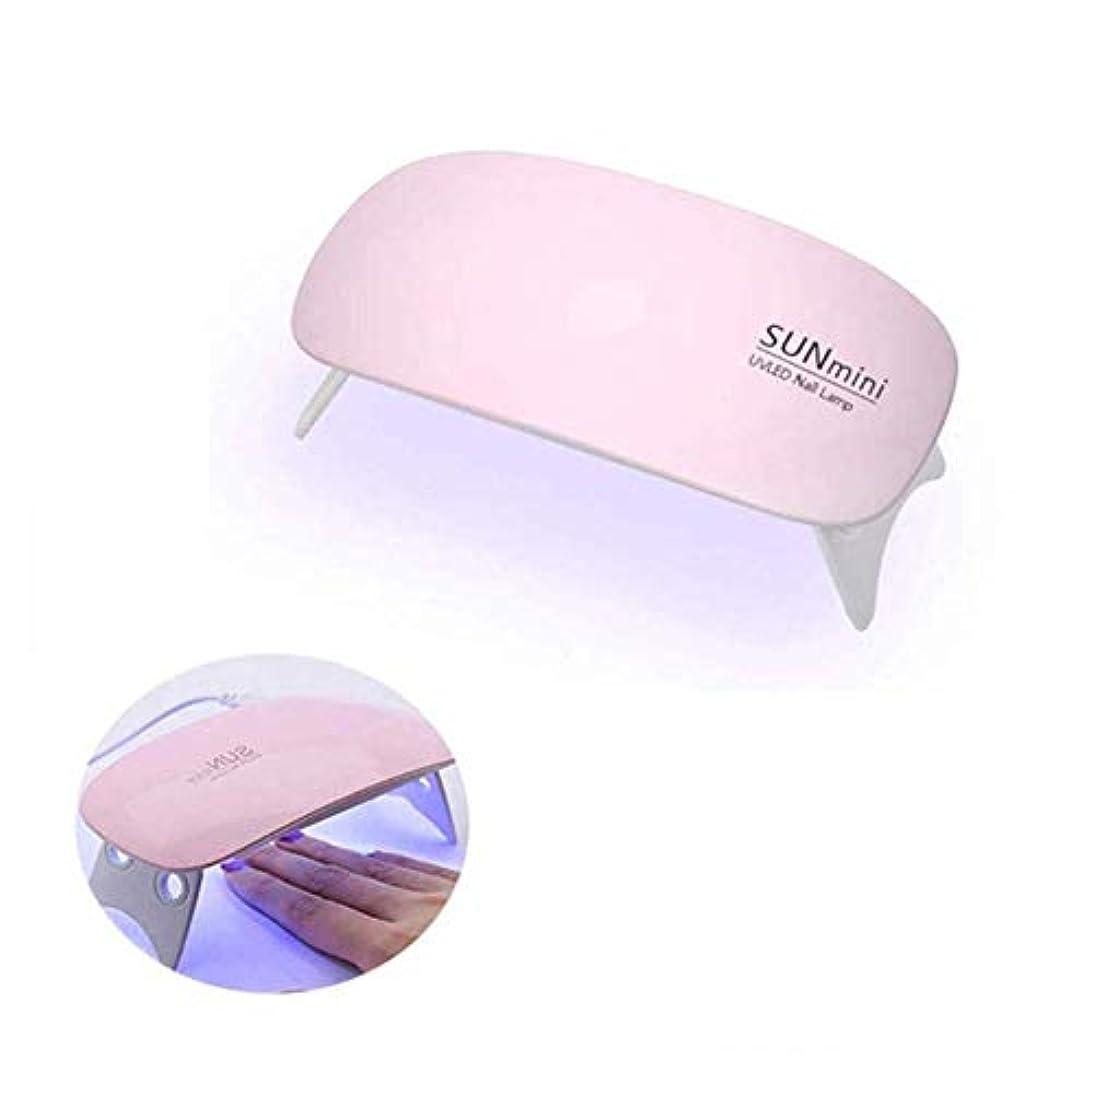 ブラウン賭けステップLEDネイルドライヤー 凝胶美甲灯 UVライト 折りたたみ式 設定可能 タイマー LED 硬化ライト 樹脂の道具 ピンク